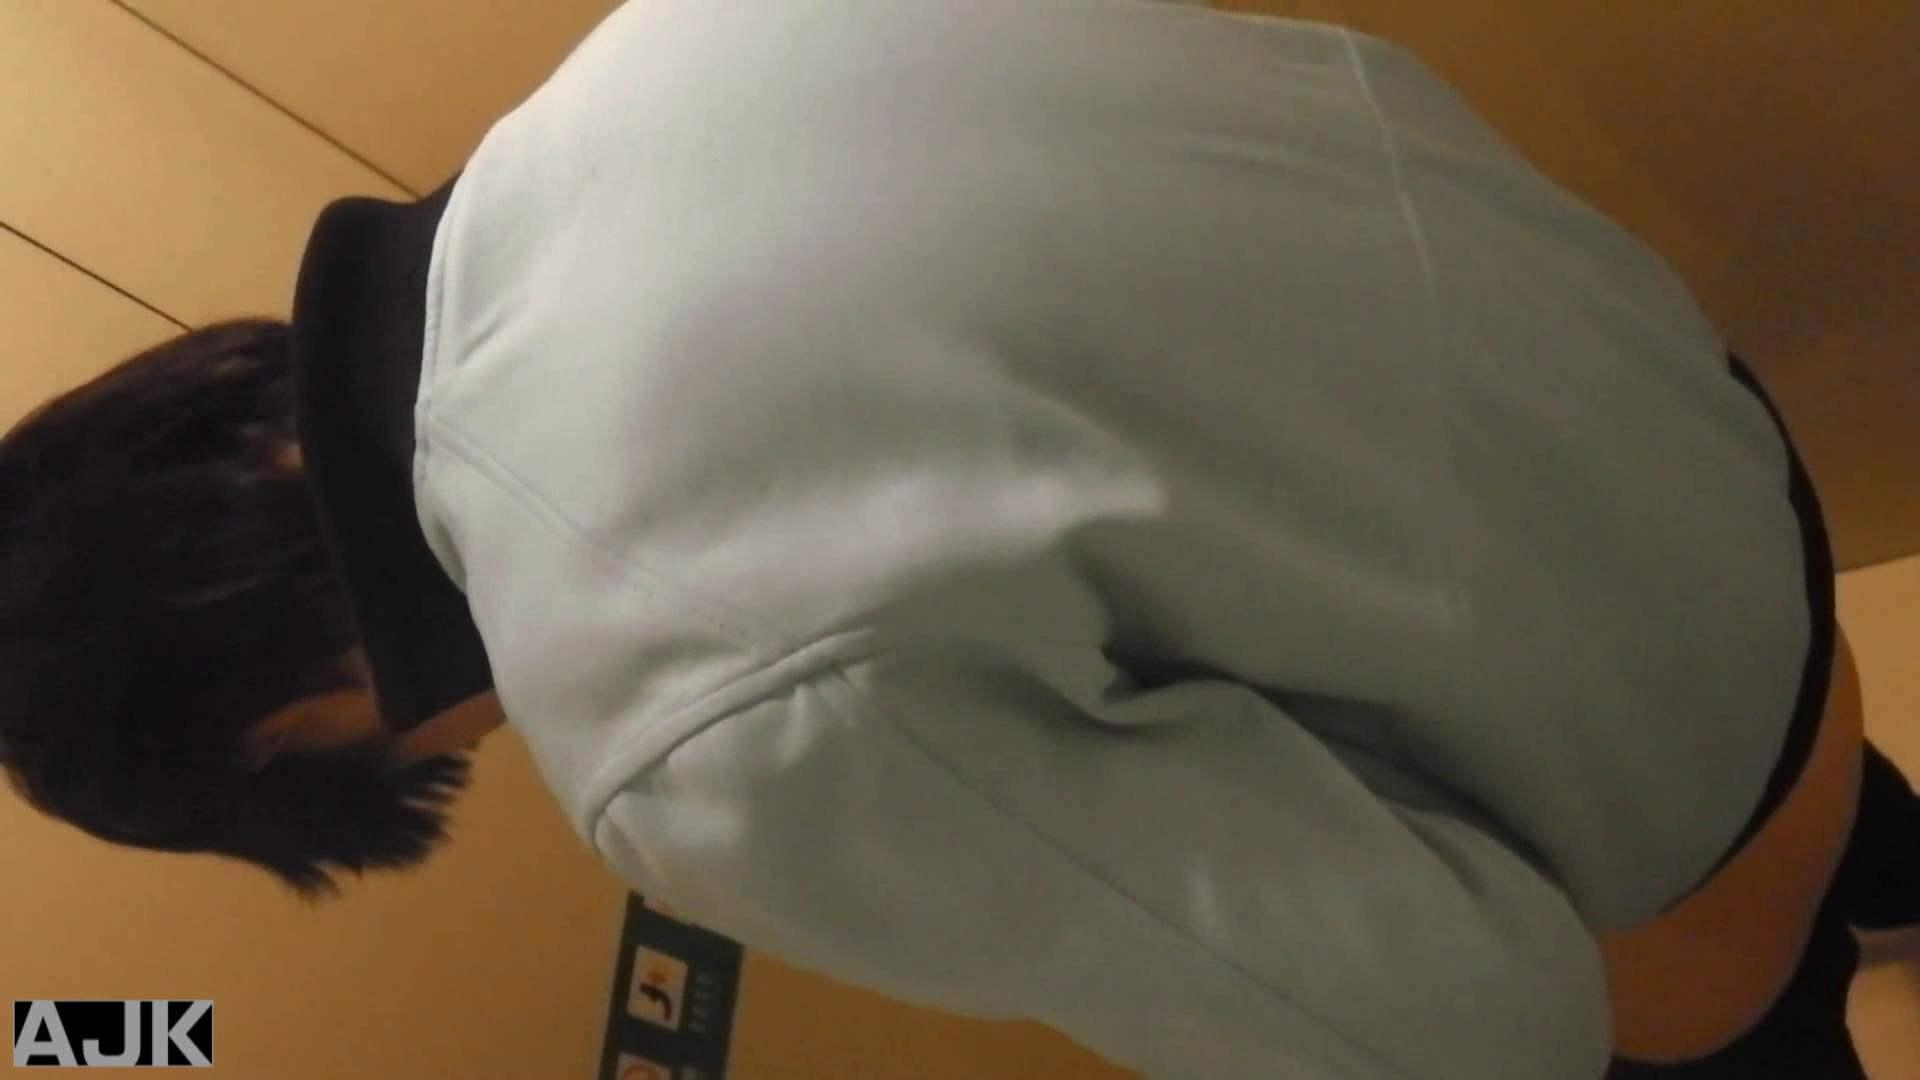 神降臨!史上最強の潜入かわや! vol.10 潜入 盗み撮り動画キャプチャ 67画像 17